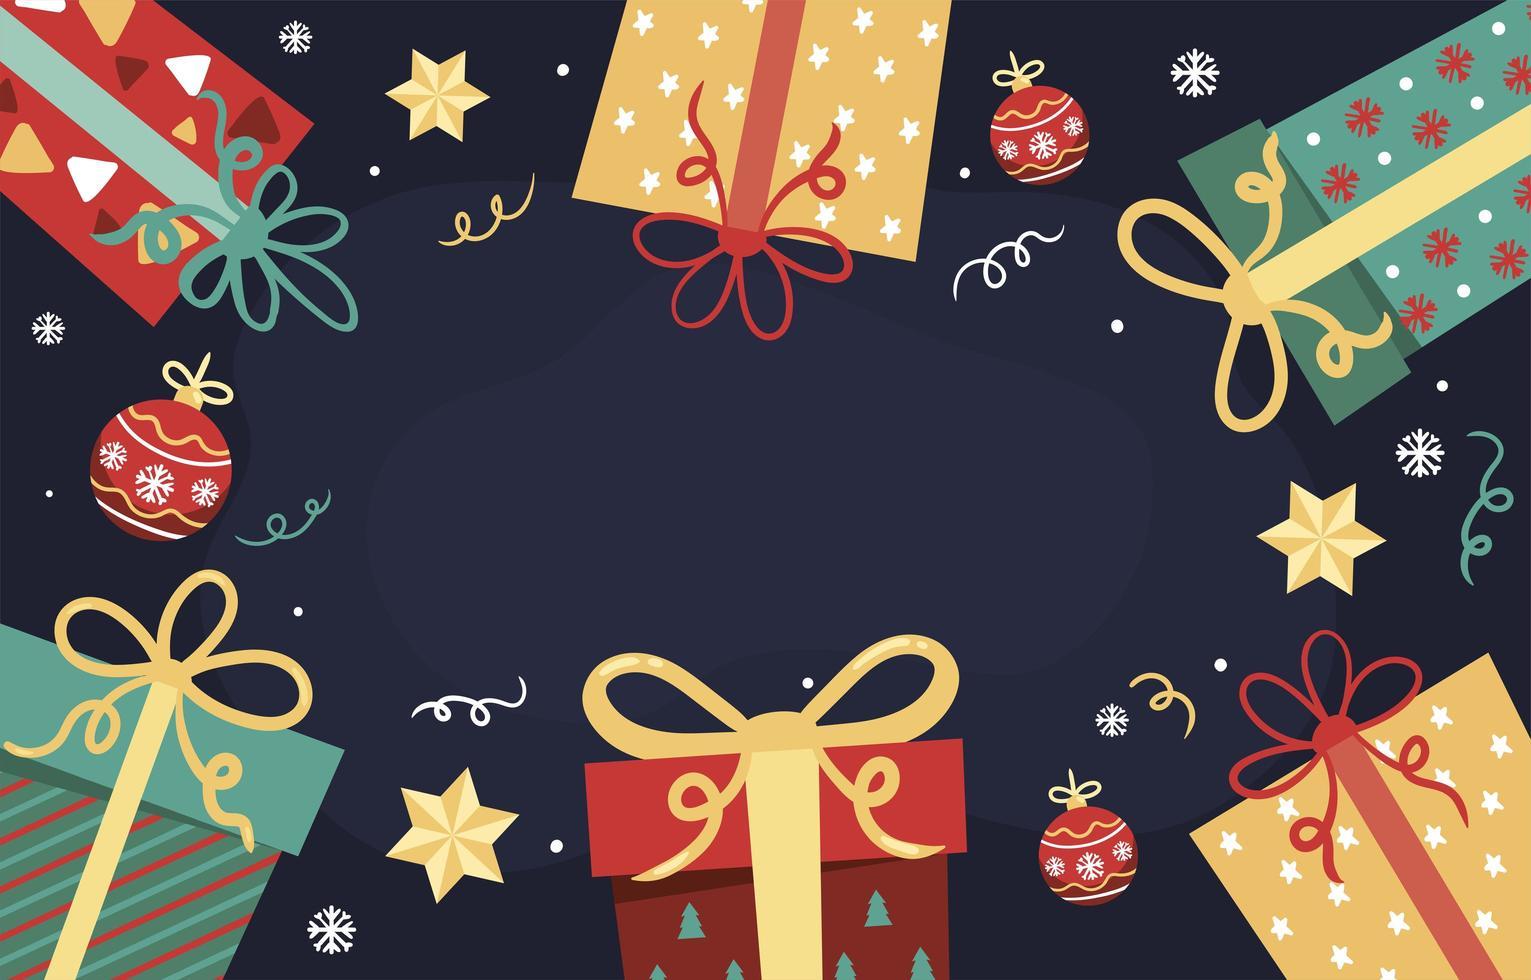 fundo de presente de natal alegre vetor